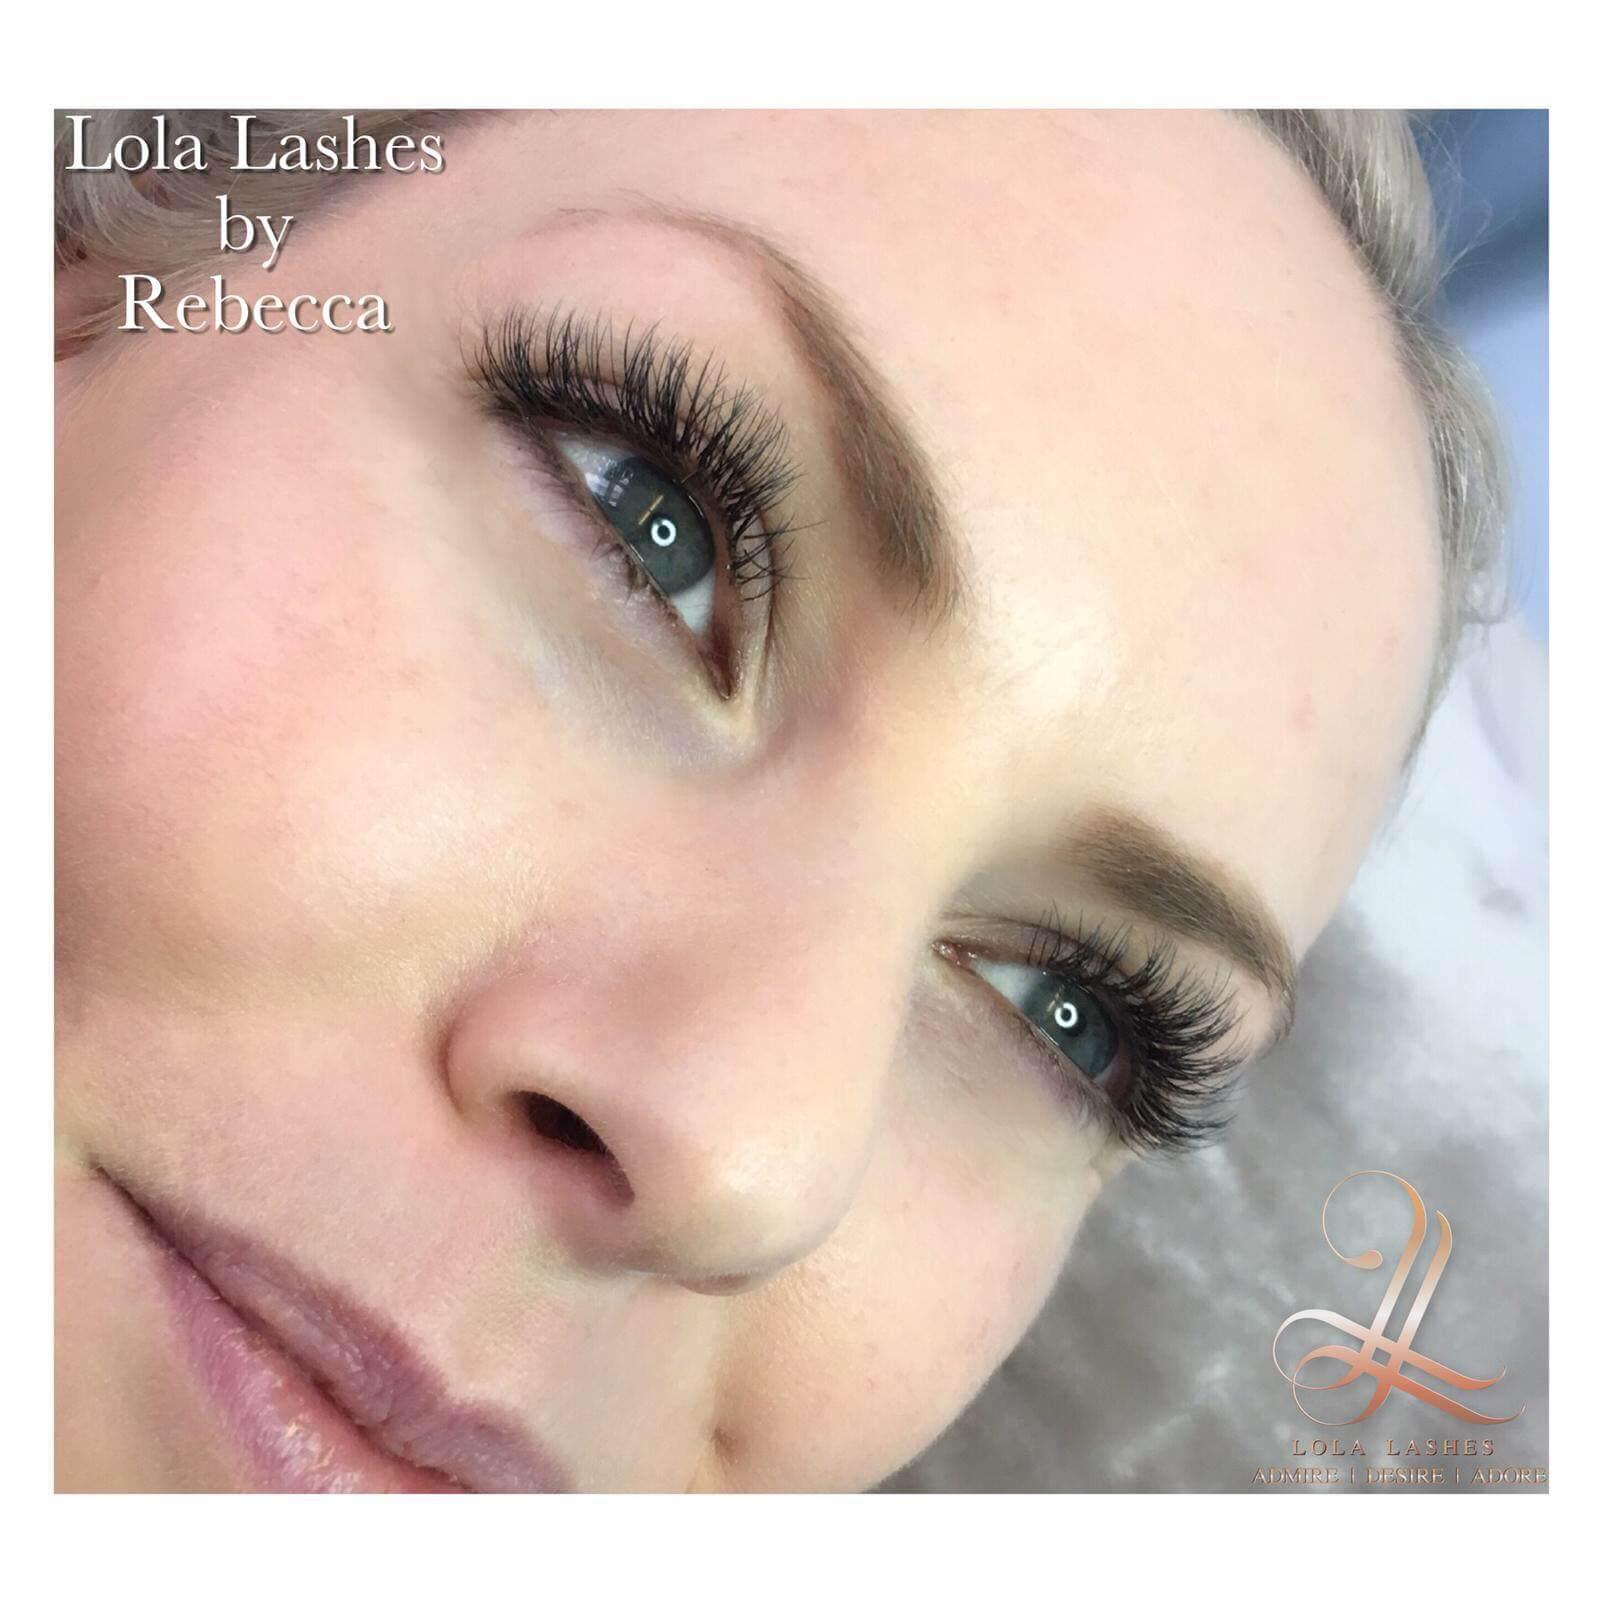 Classic-lashes